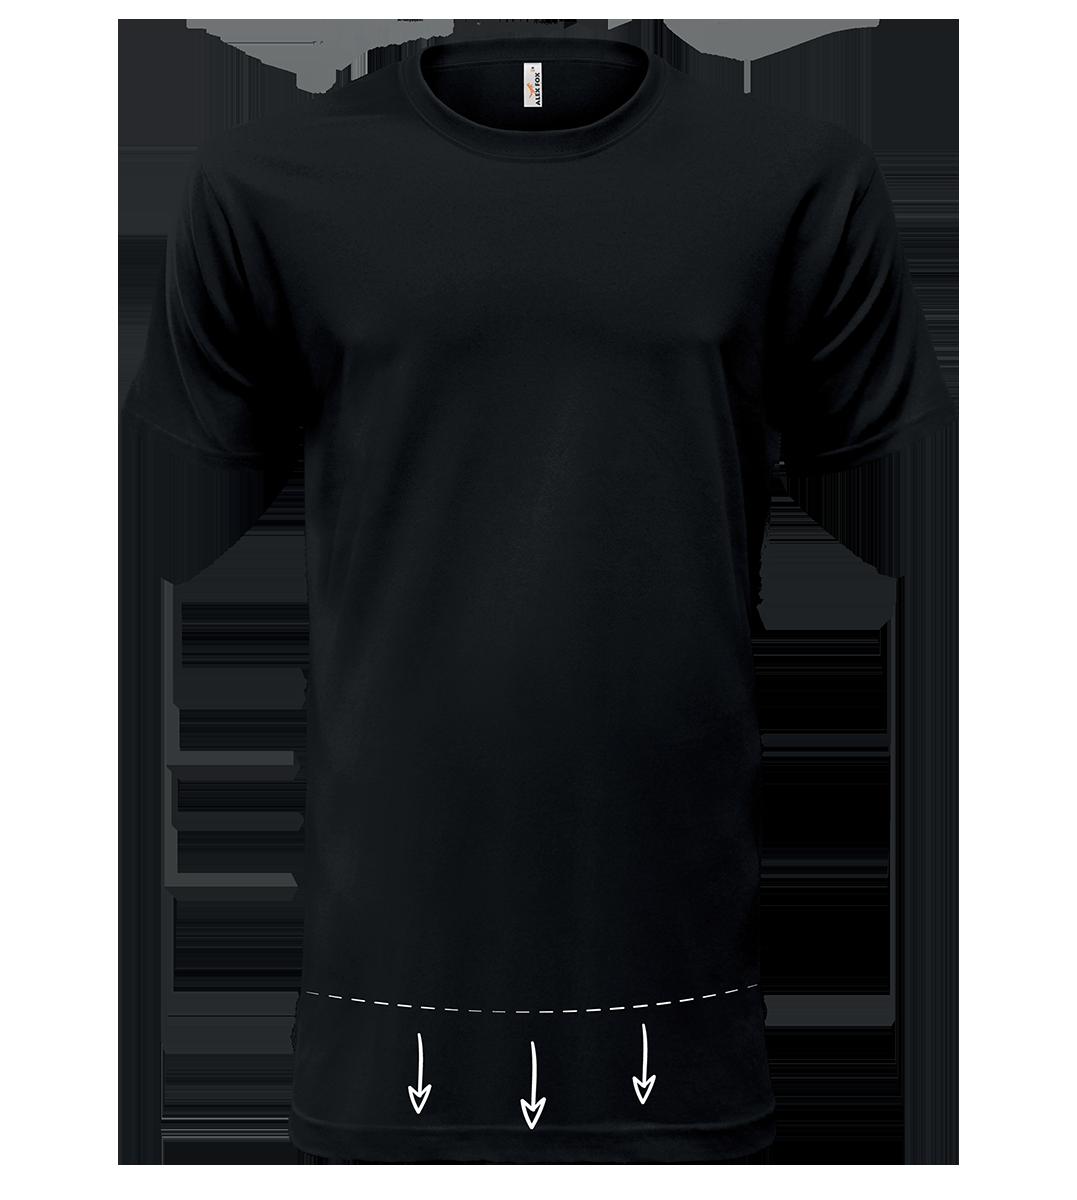 58f5388ac ALEX FOX pánske predĺžené bavlnené tričká NEW JERSEY 109 s krátkym rukávom